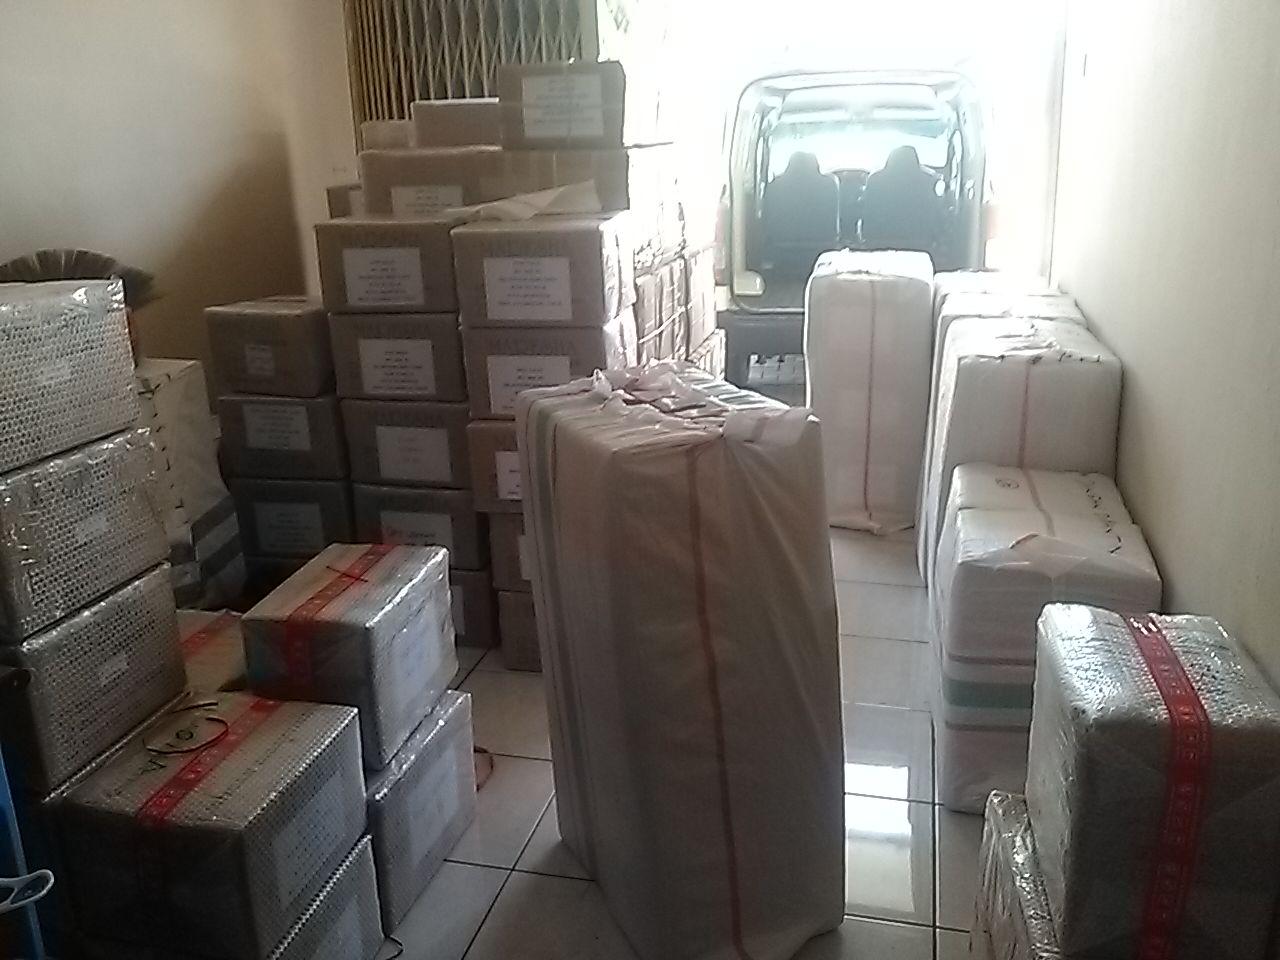 Ekspedisi Bandung Surabaya Tulus Cargo 082158581800